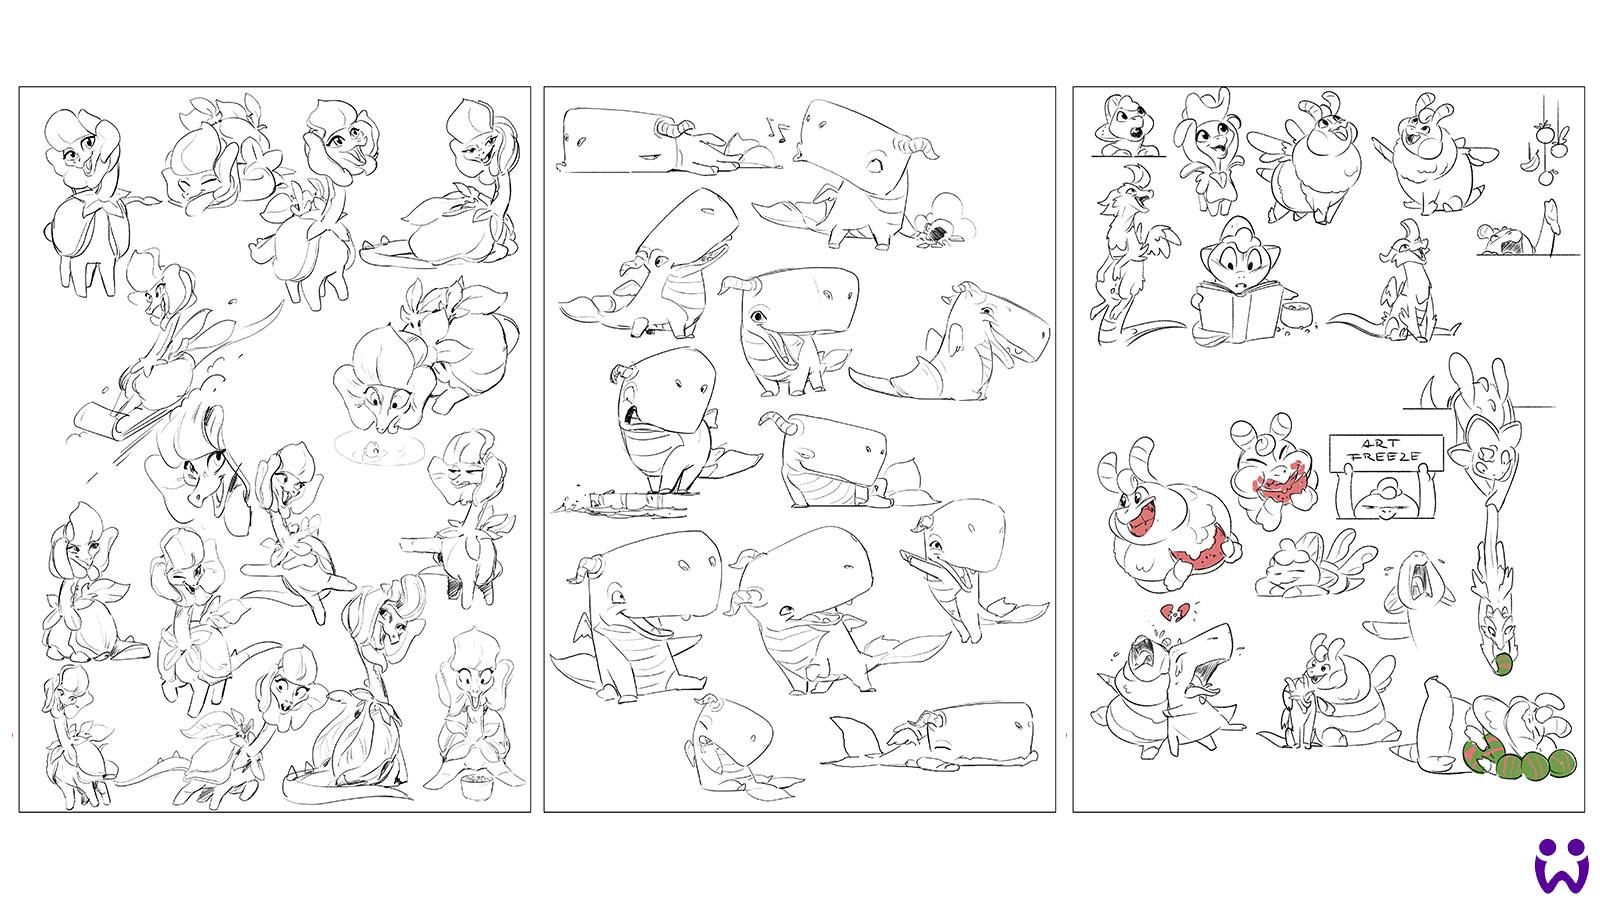 """20 von 25, Skizzen für potenzielle Marketingillustrationen. Für das Mobilegame """"Wonderlings"""" von Wooga"""